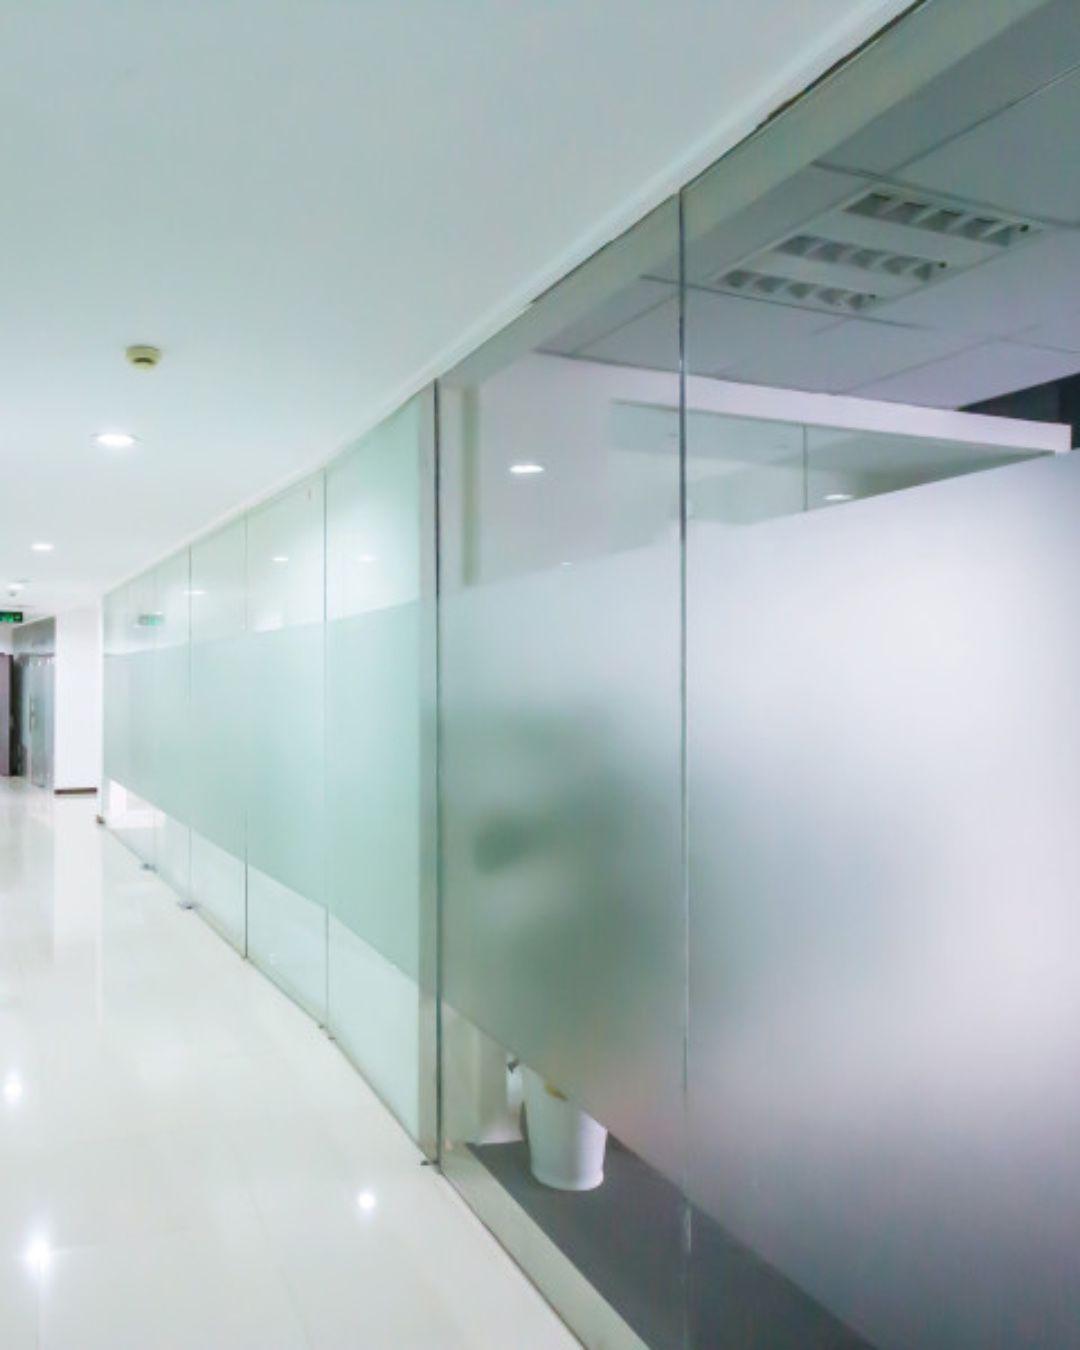 Full Size of Fensterfolie Blickdicht Glasfolie Huis Milchglas Uv Schutz Wohnzimmer Fensterfolie Blickdicht